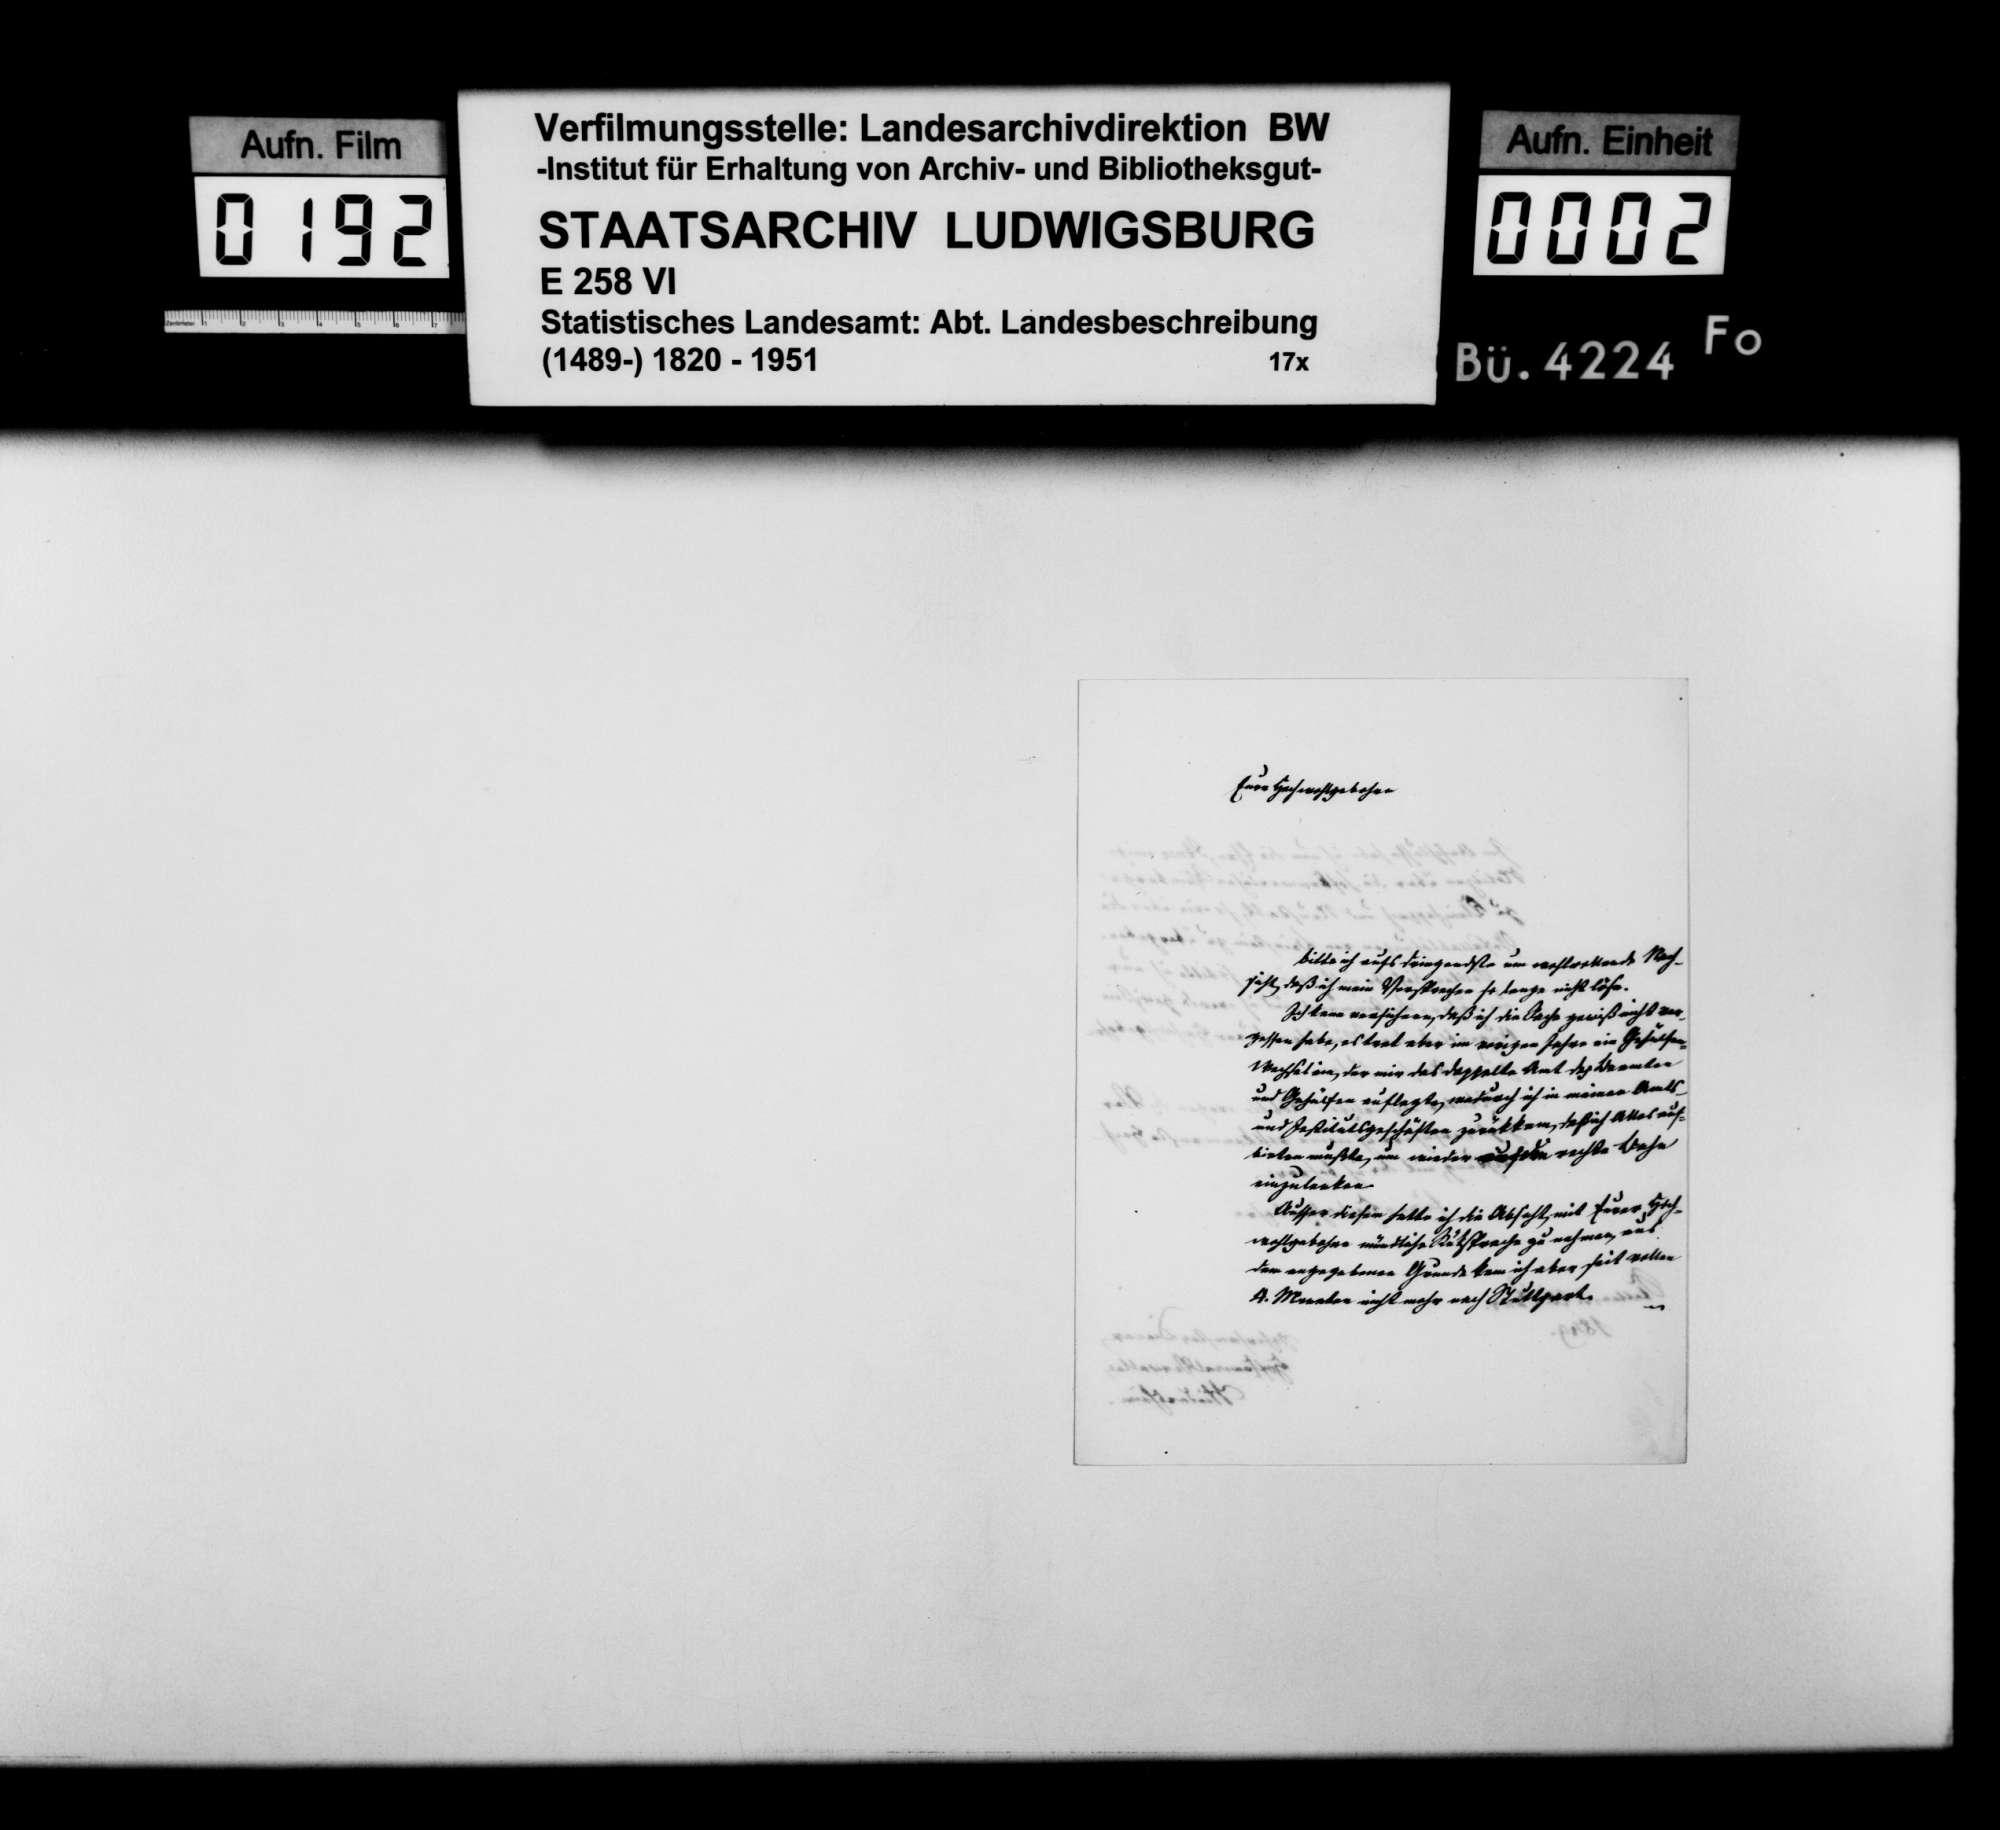 Schriftwechsel zur Mitteilung von Sachverhalten für die OAB, Bild 1